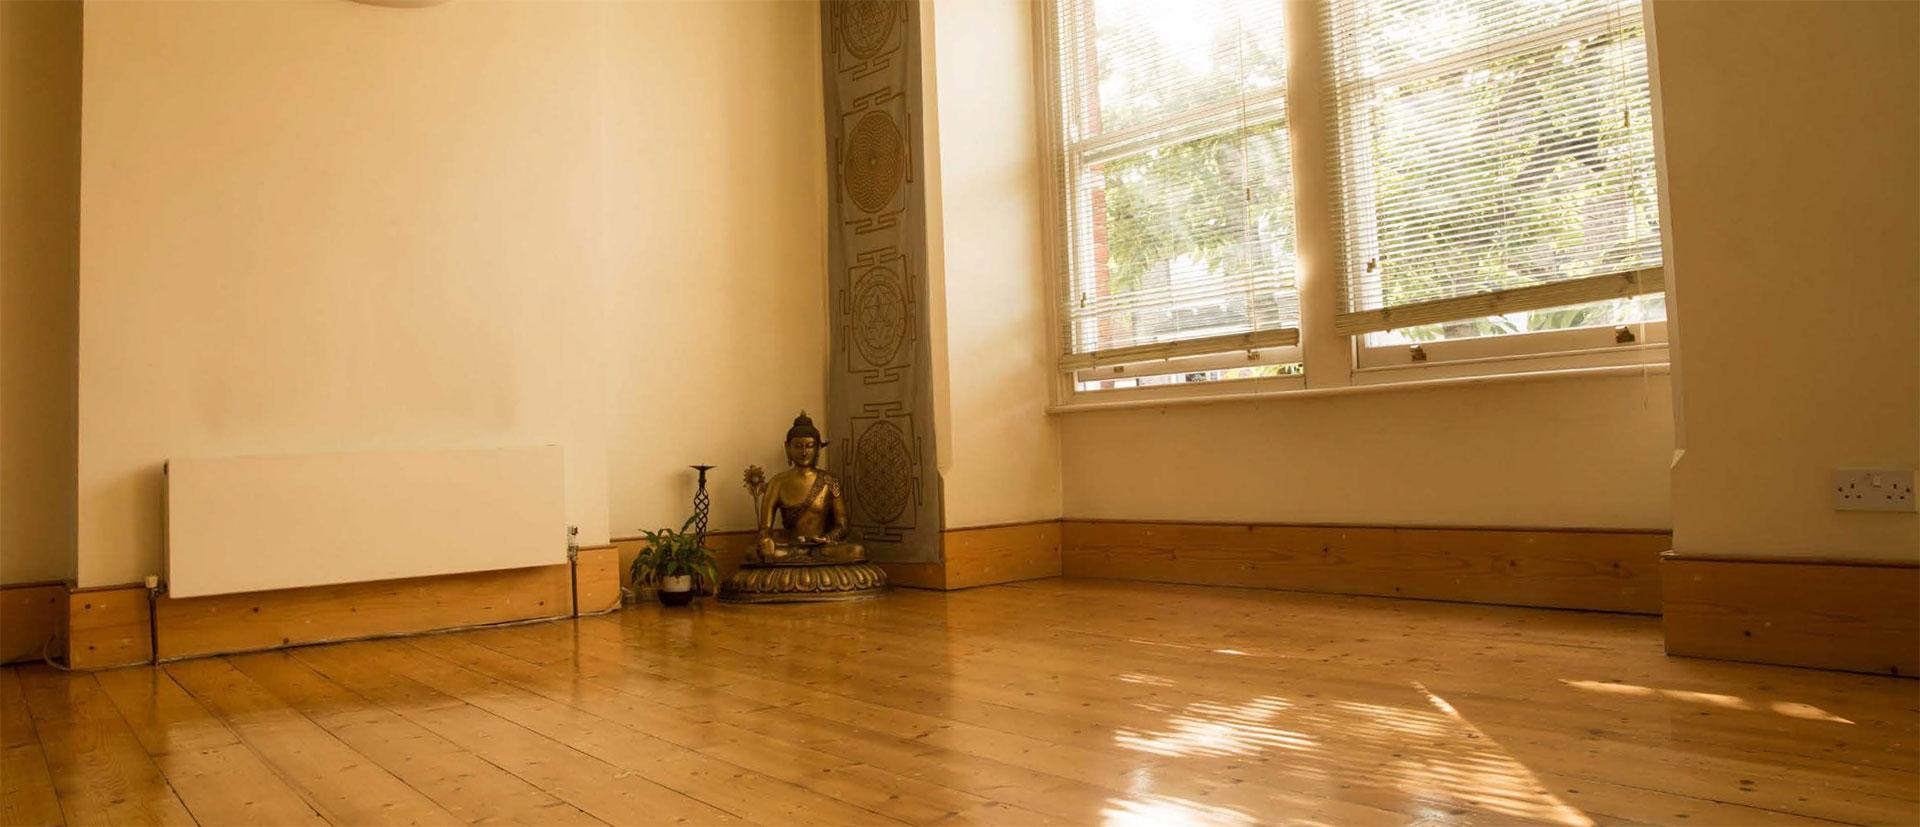 Goldendoor Yoga Studio